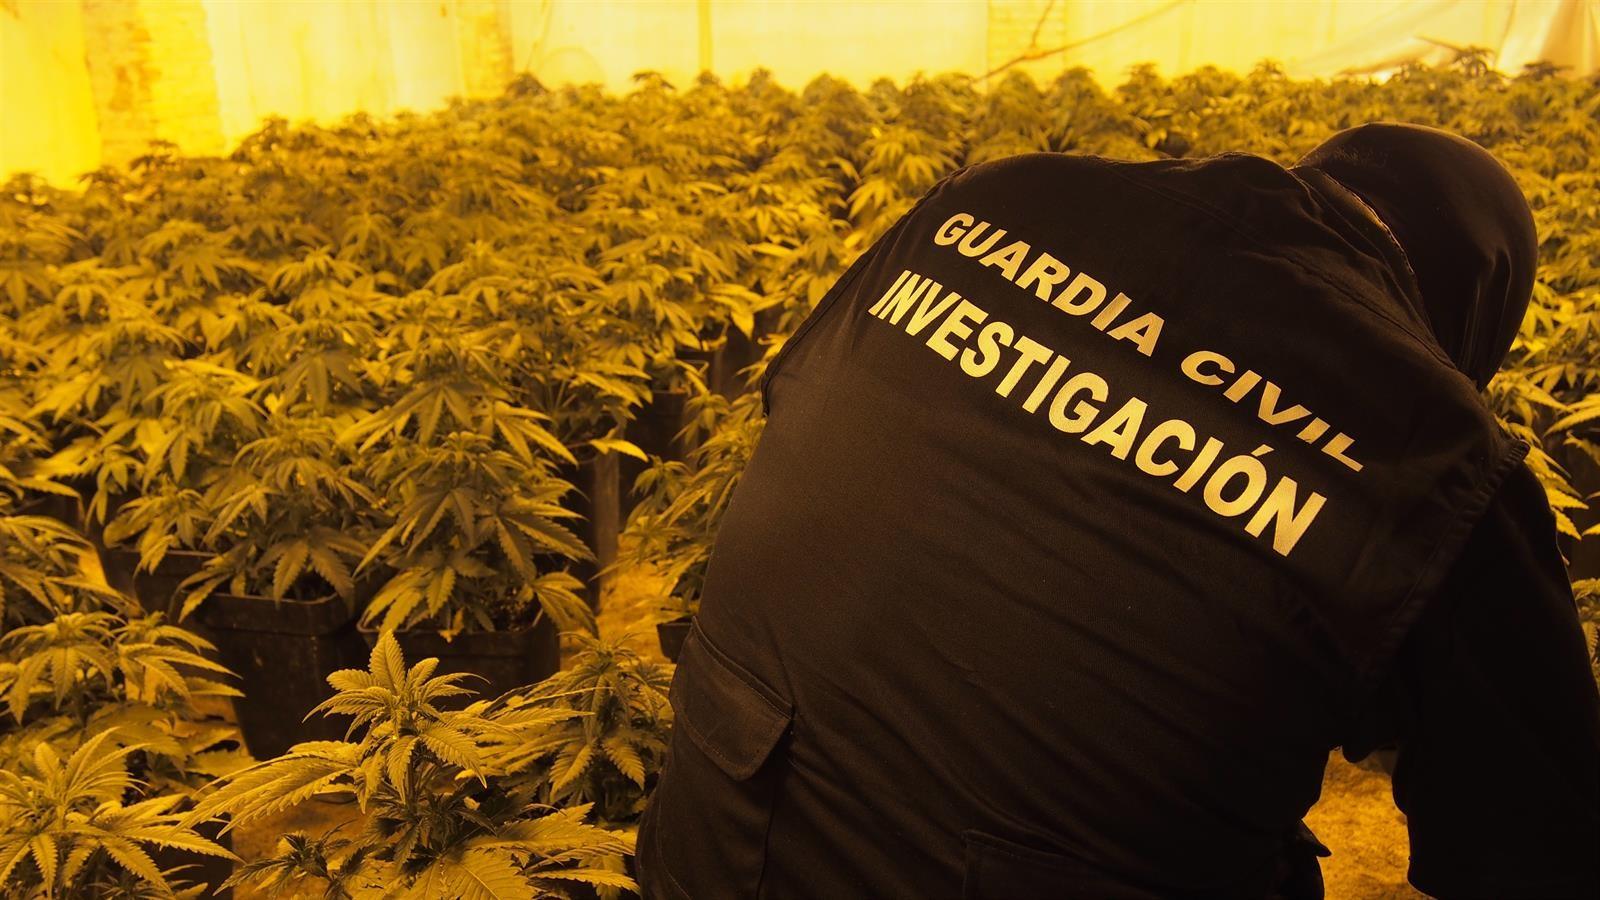 Incautadas 742 plantas de marihuana en una operación antidroga en Dúrcal